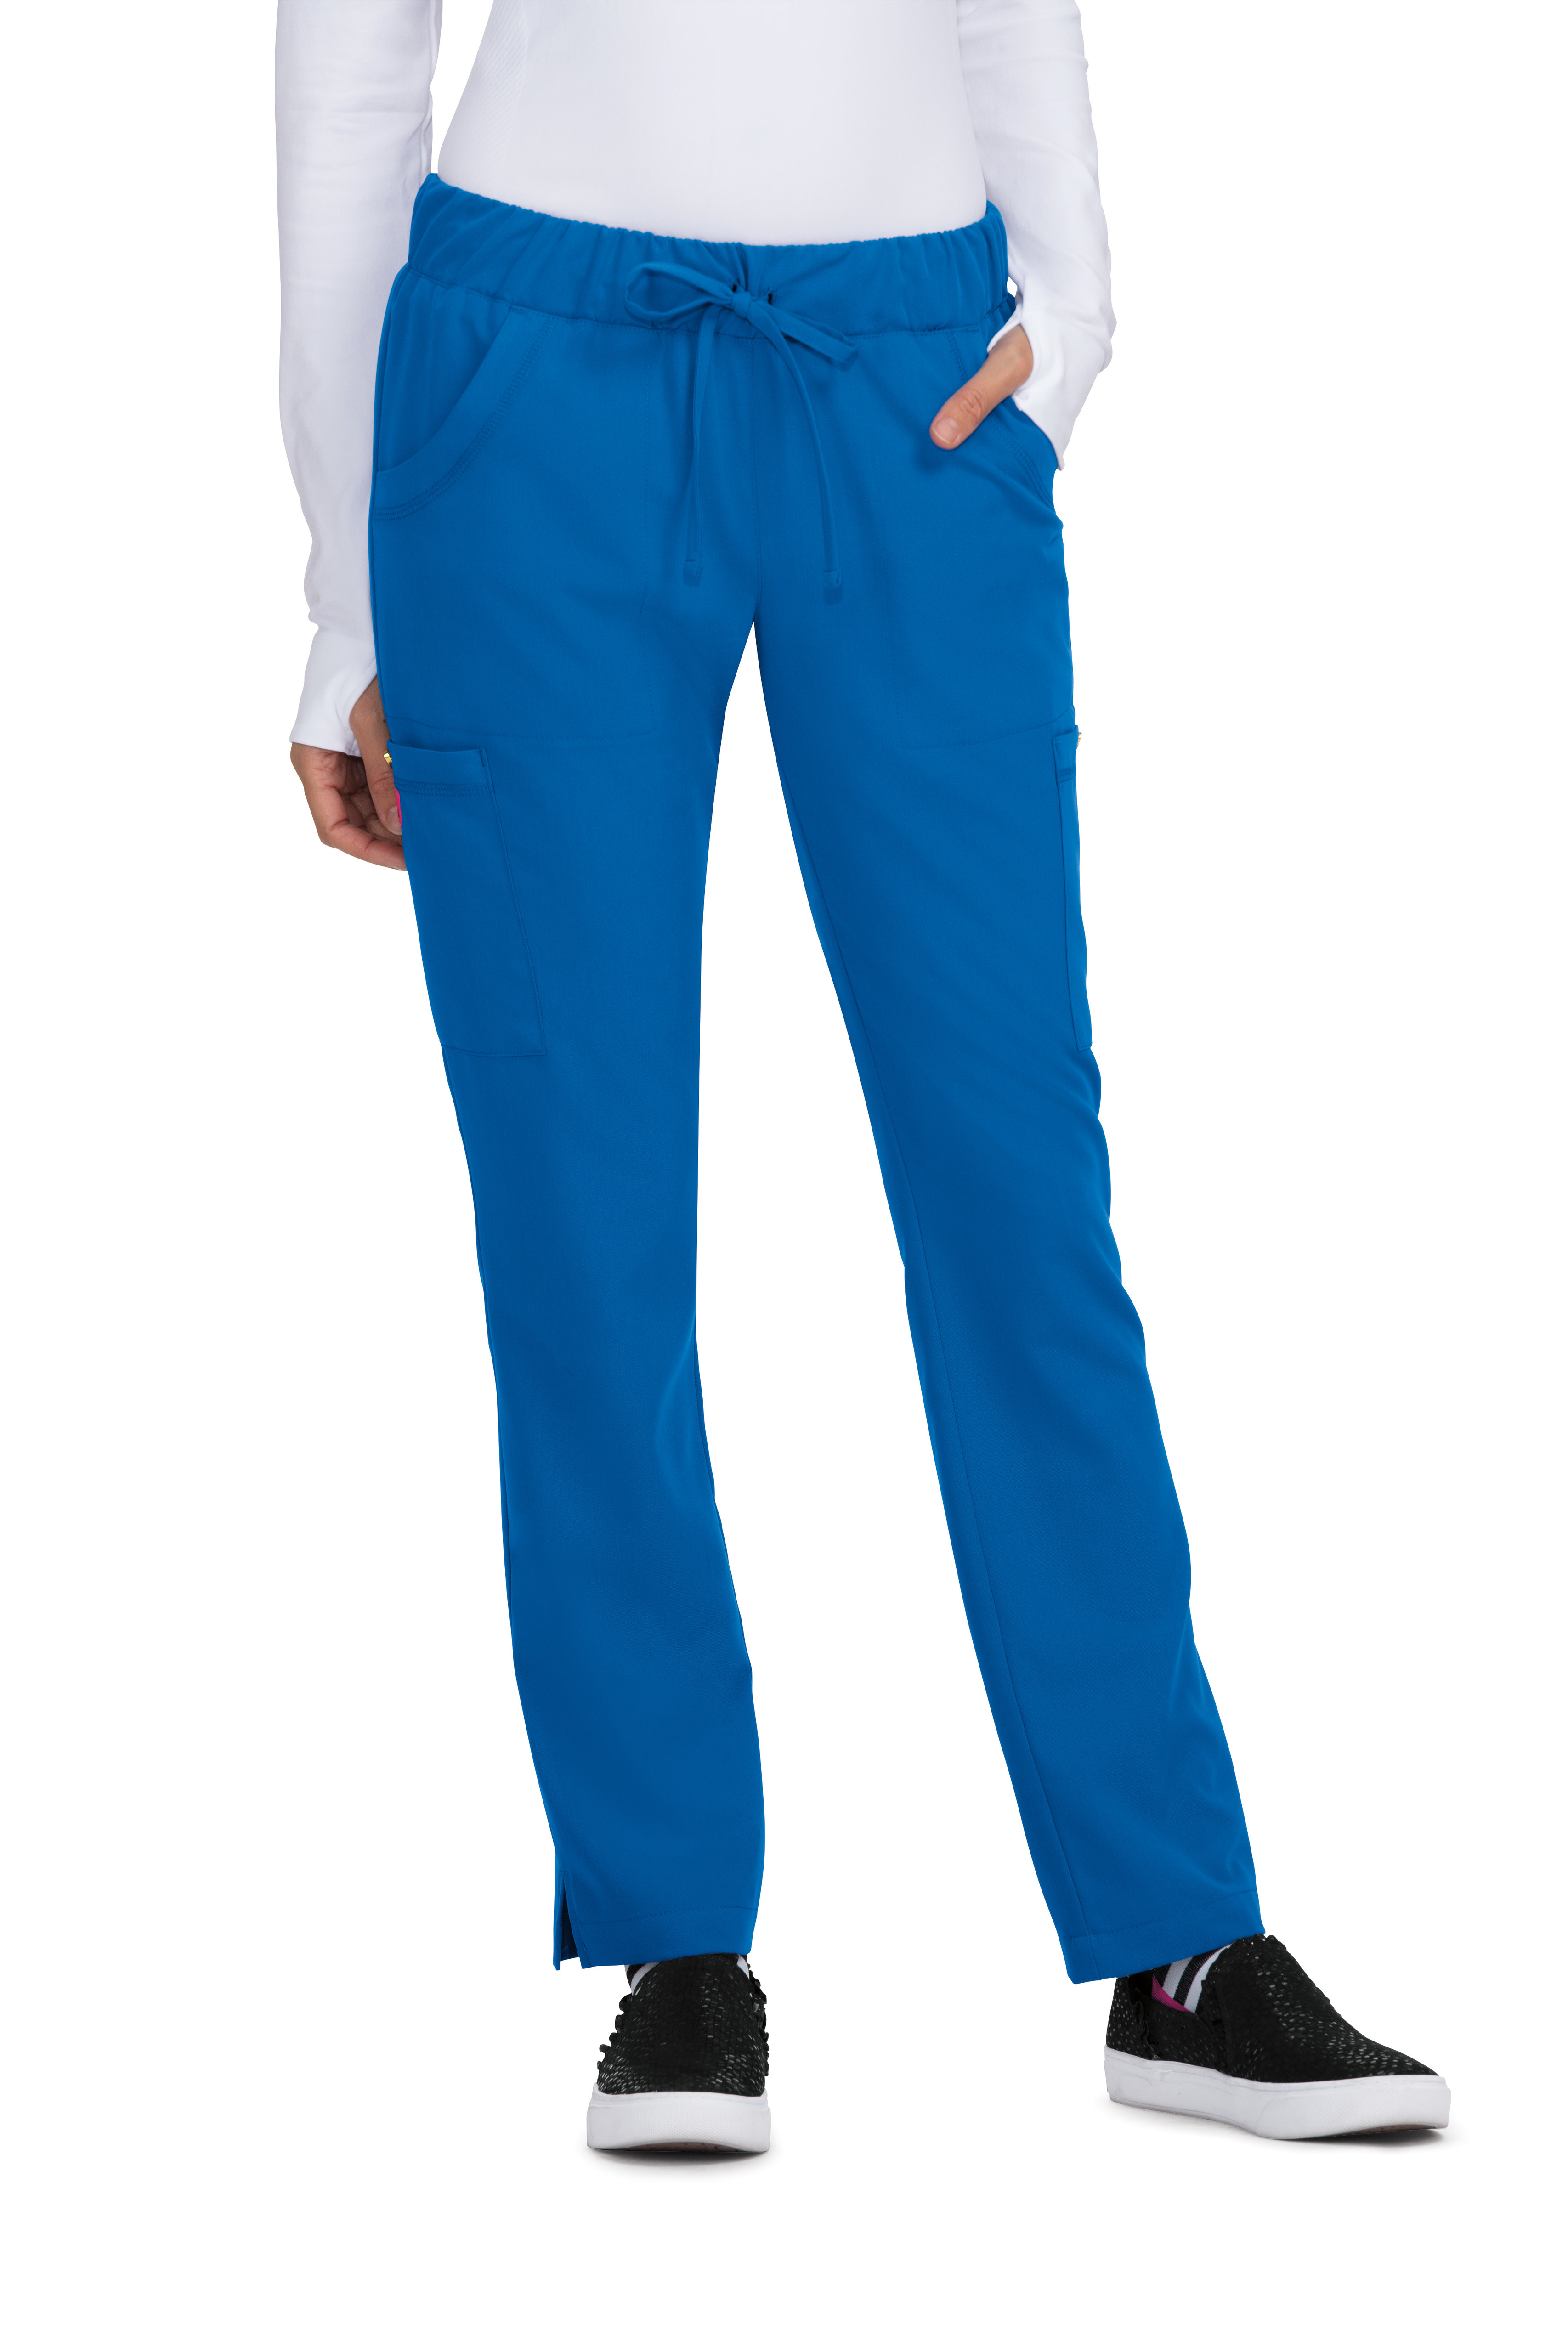 Navy Blue Sevilla Pro Womens Breeches